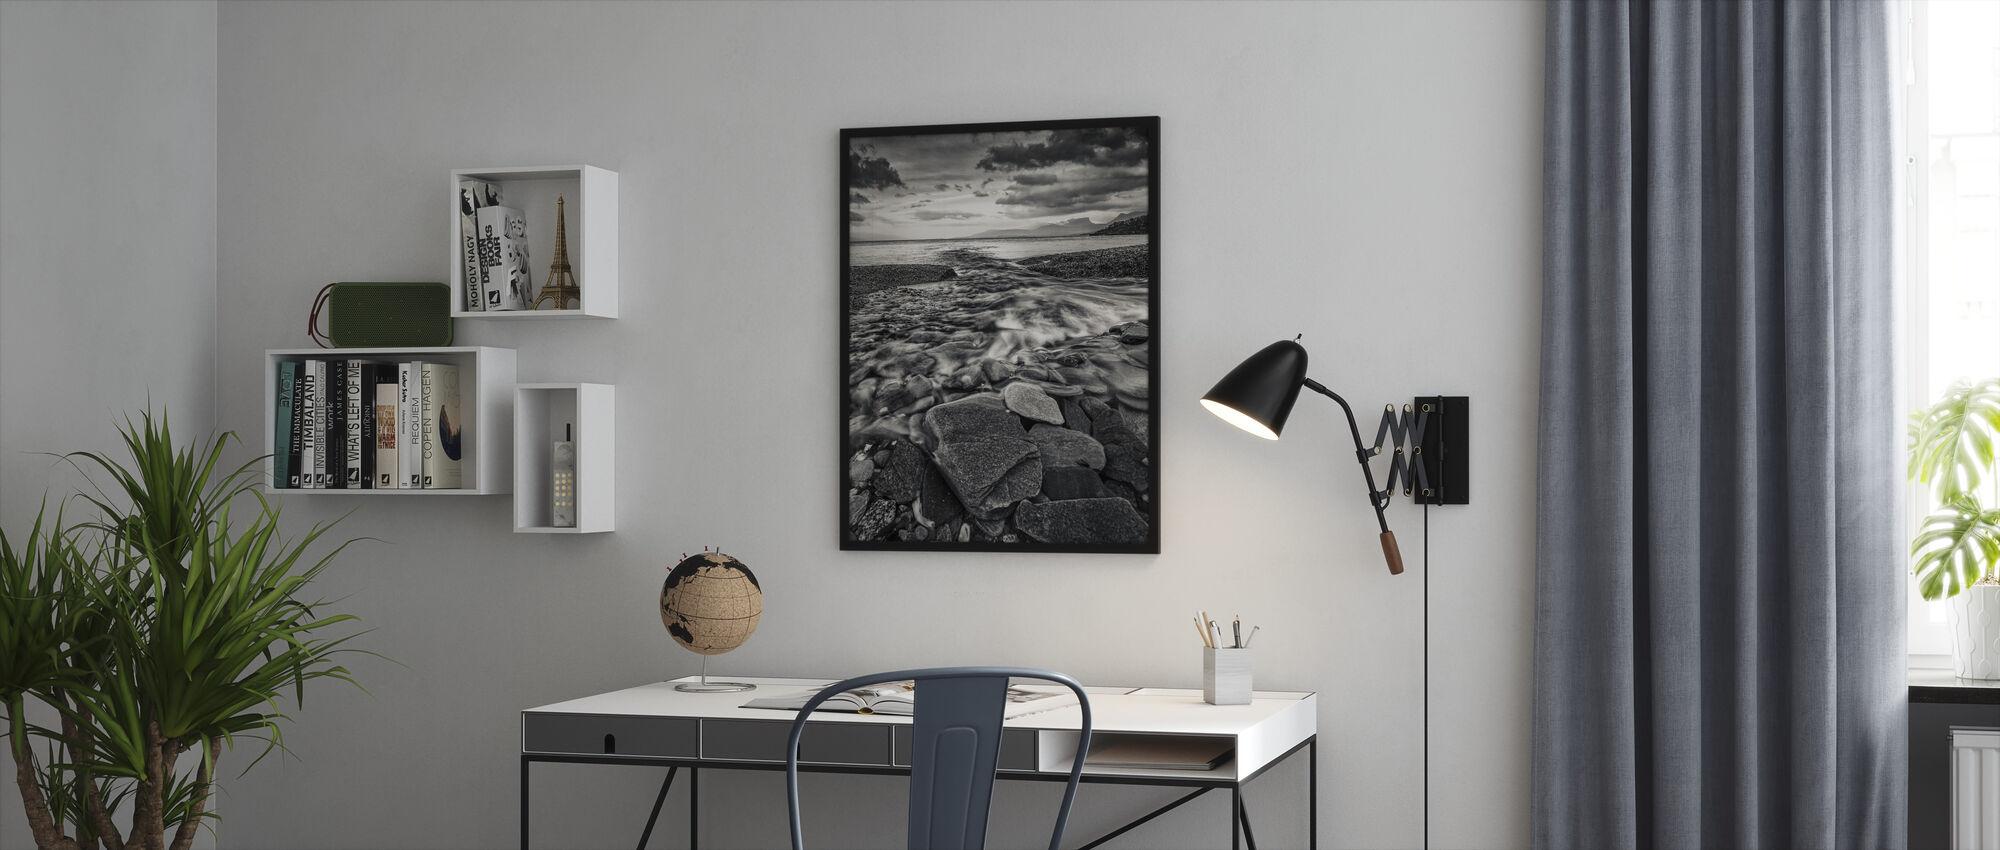 Torneträsk, Lapland - Sweden - Framed print - Office